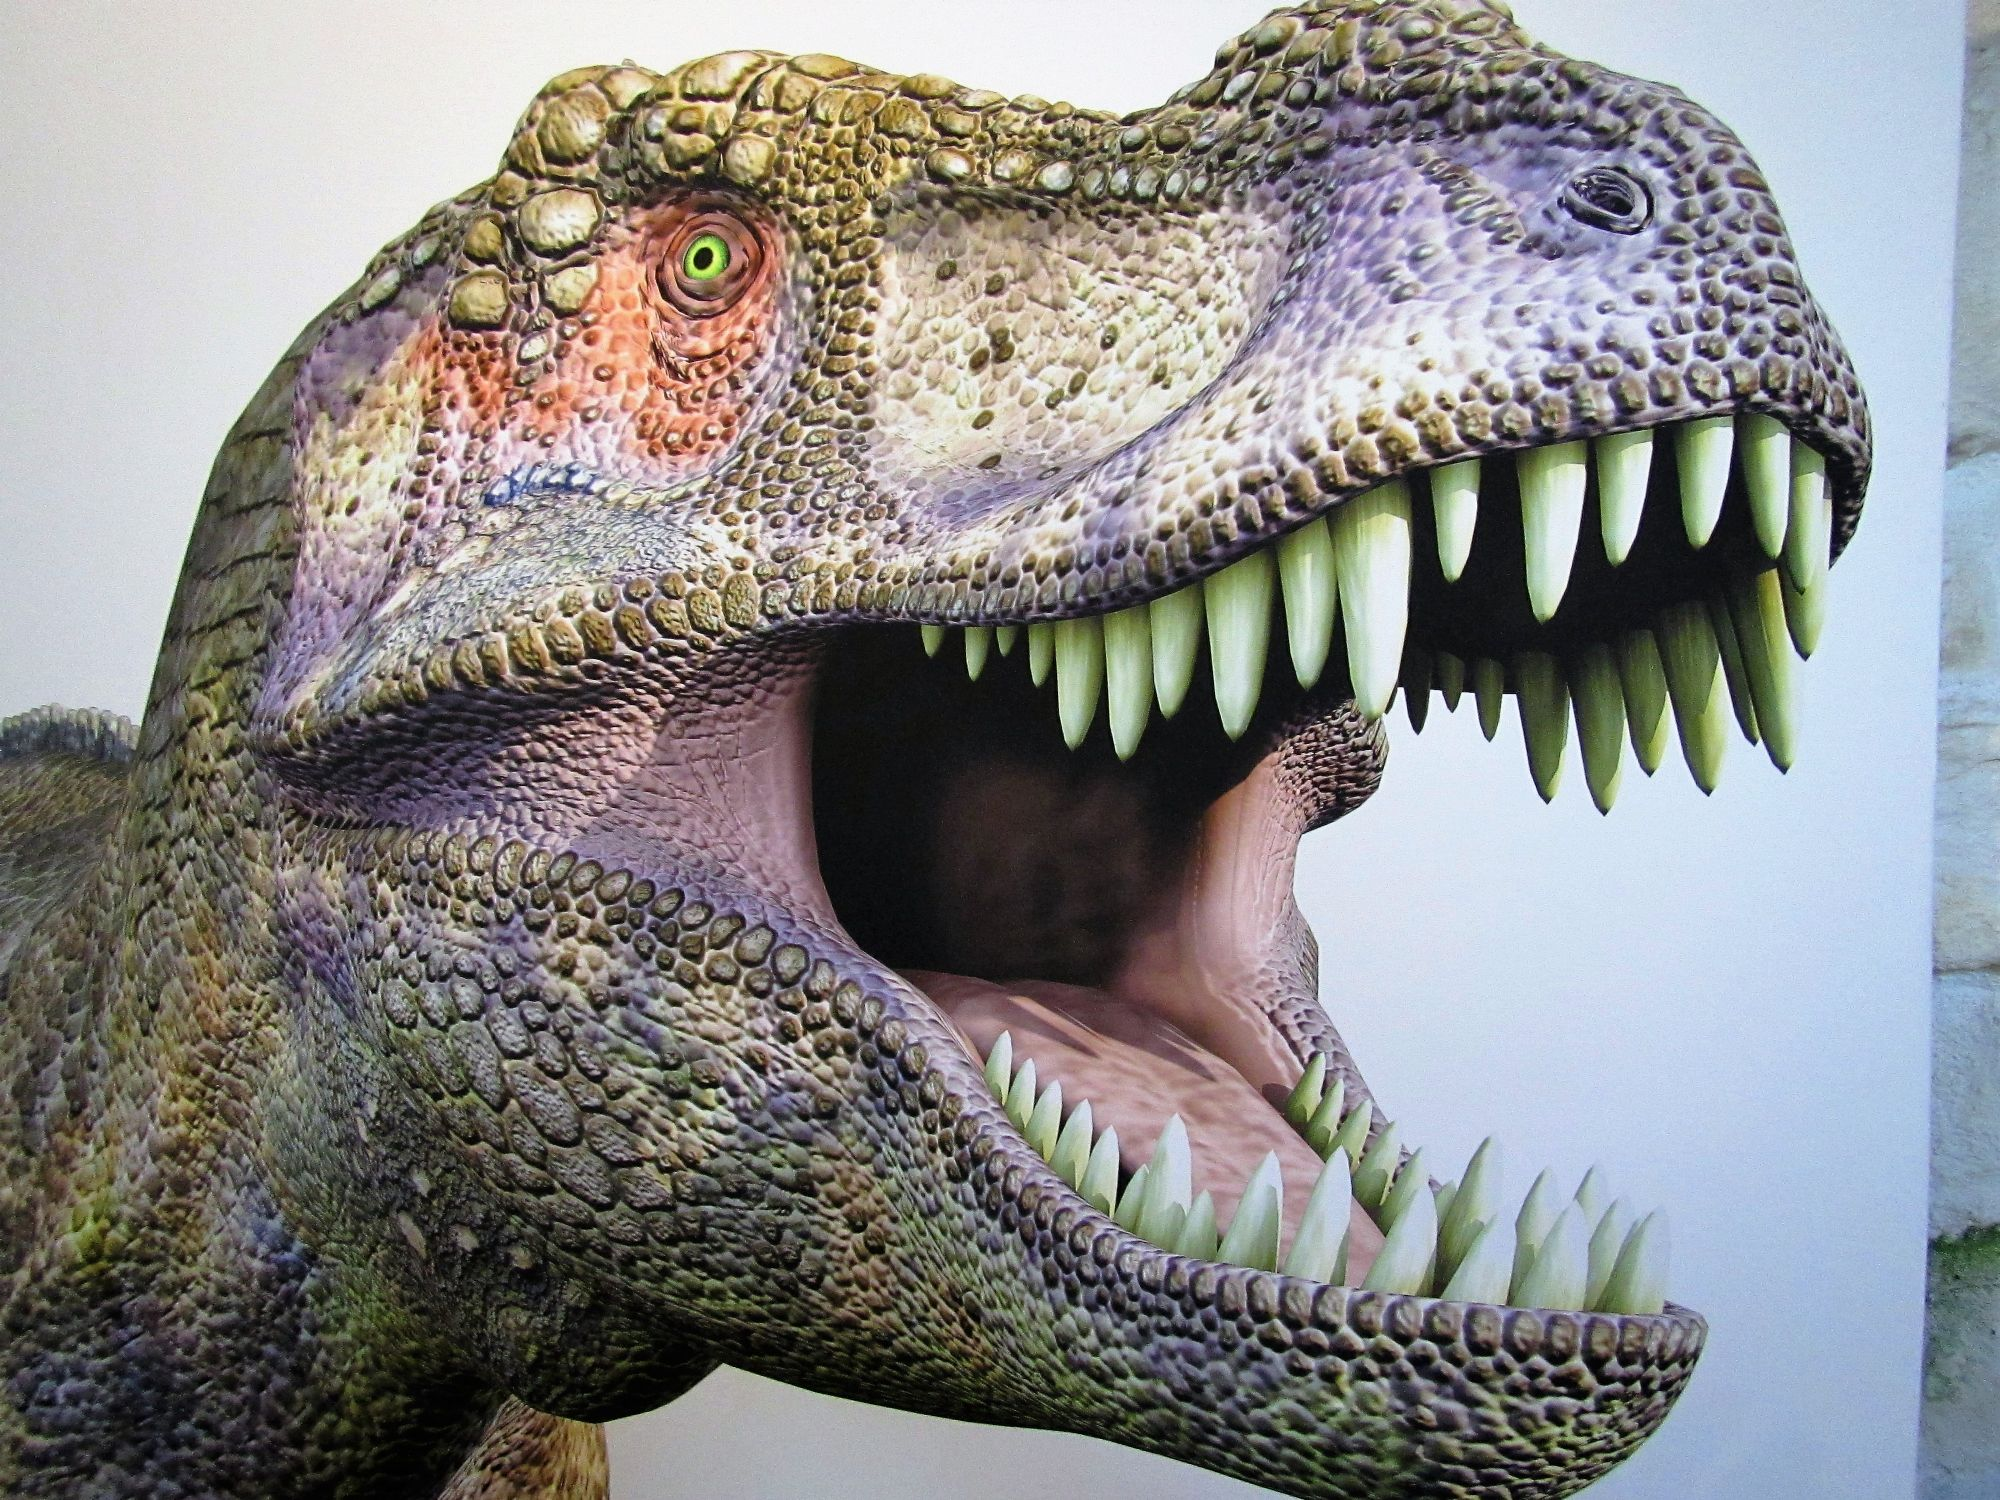 Dino Skye